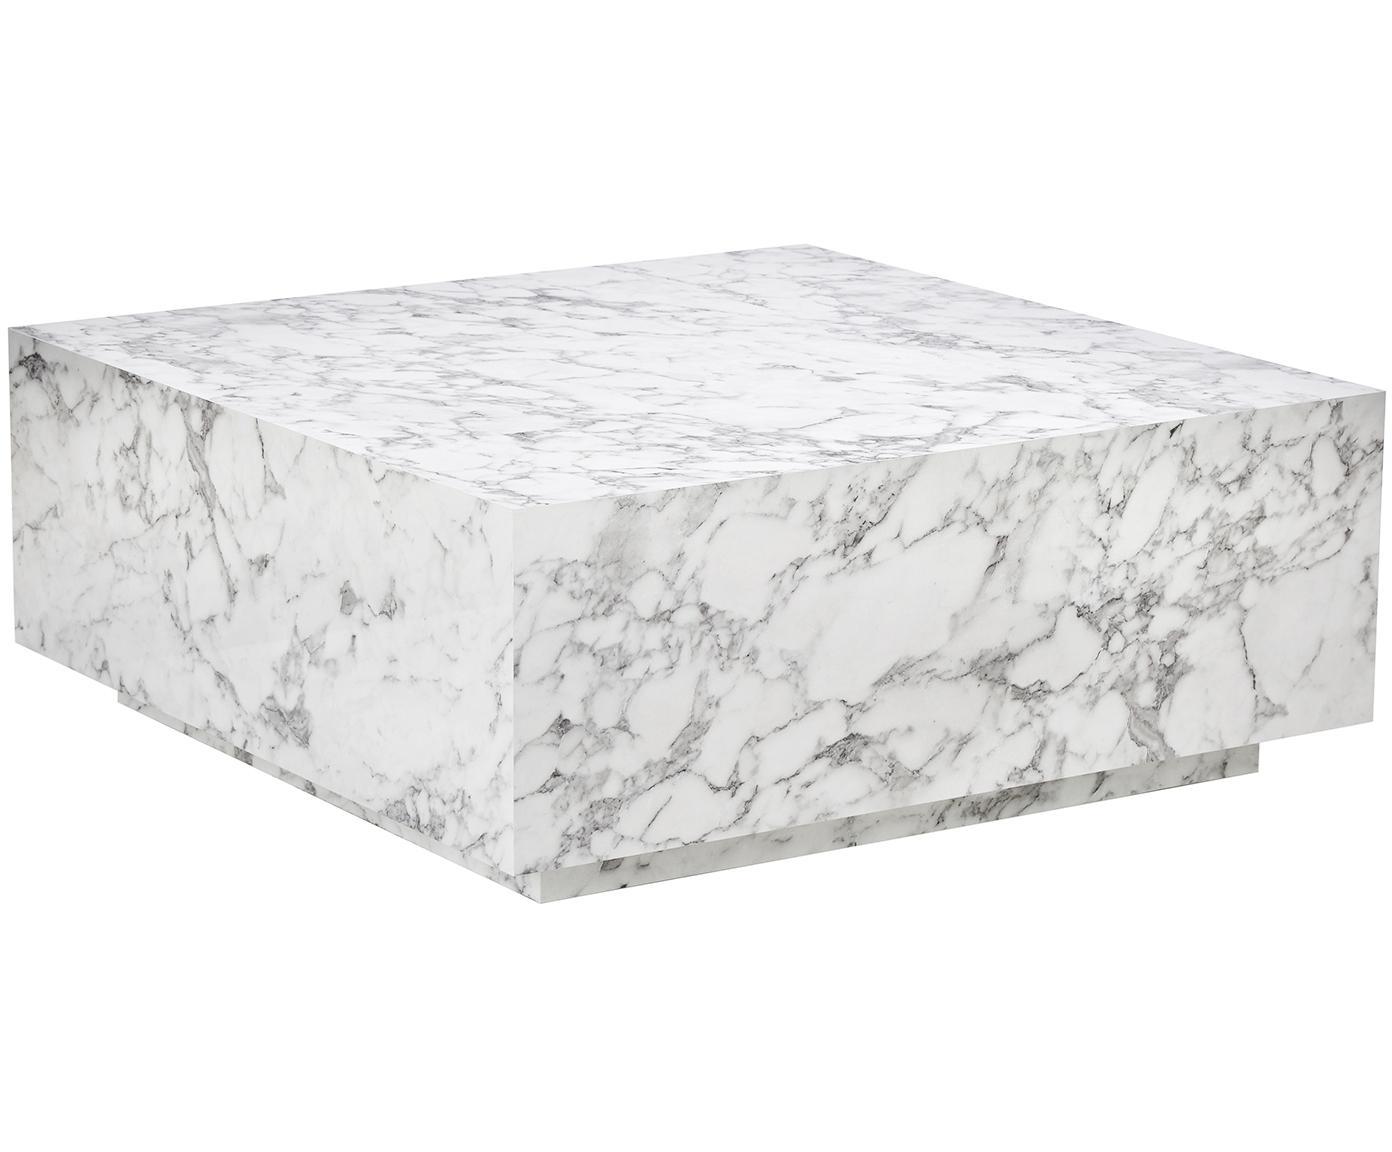 Tavolino da salotto bianco effetto marmo Lesley, Pannello di fibra a media densità (MDF) rivestito con foglio di melamina, Bianco marmorizzato, Larg. 90 x Prof. 90 cm